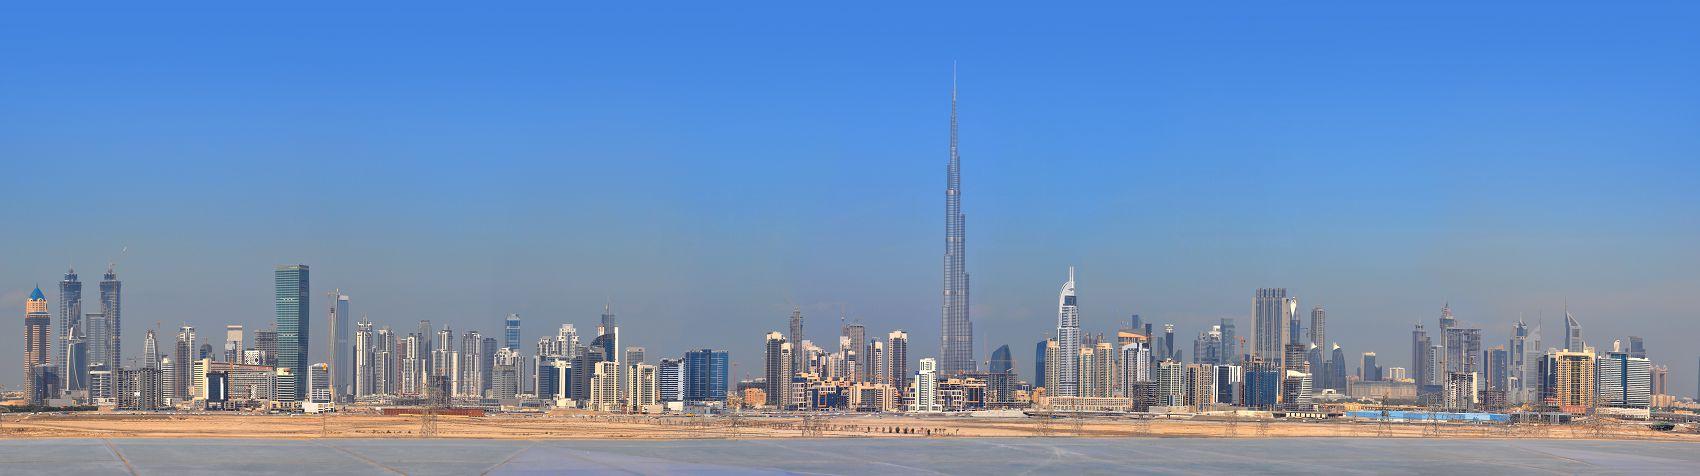 Небоскрёбы в Дубае панорама